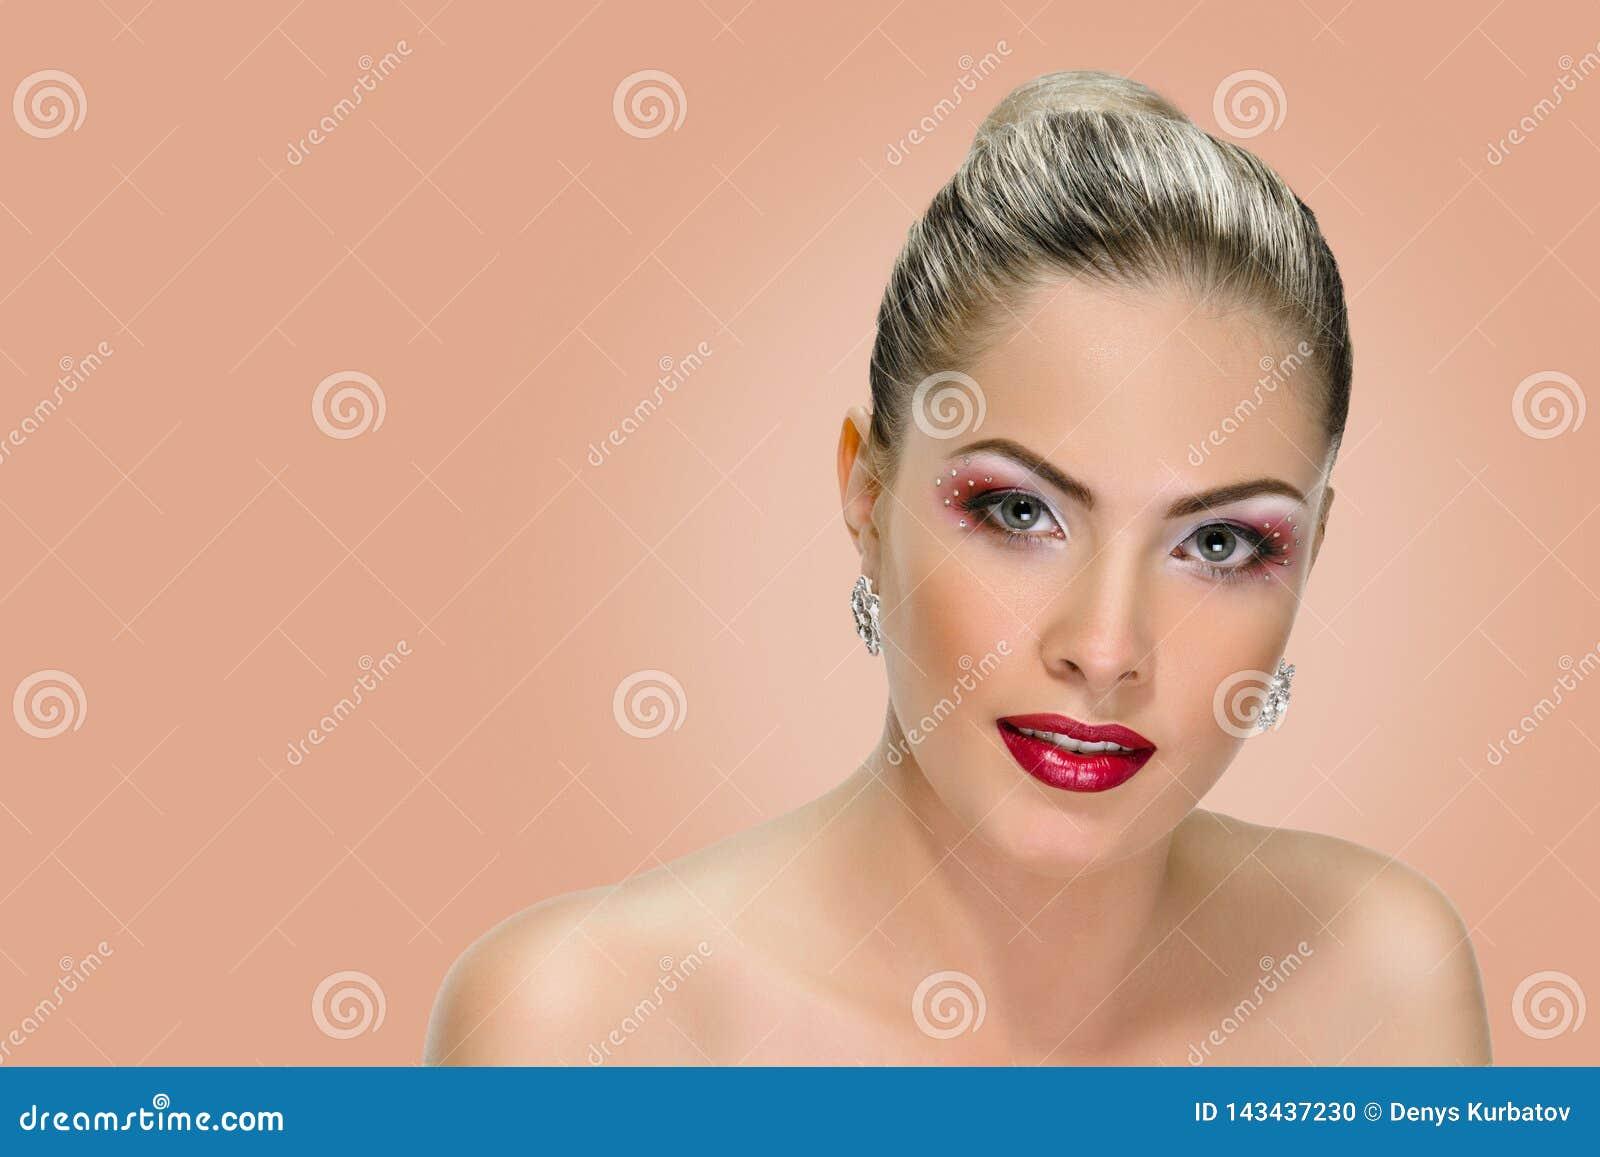 Vorbildliches Gesicht, Lippenmake-up, Ohrring